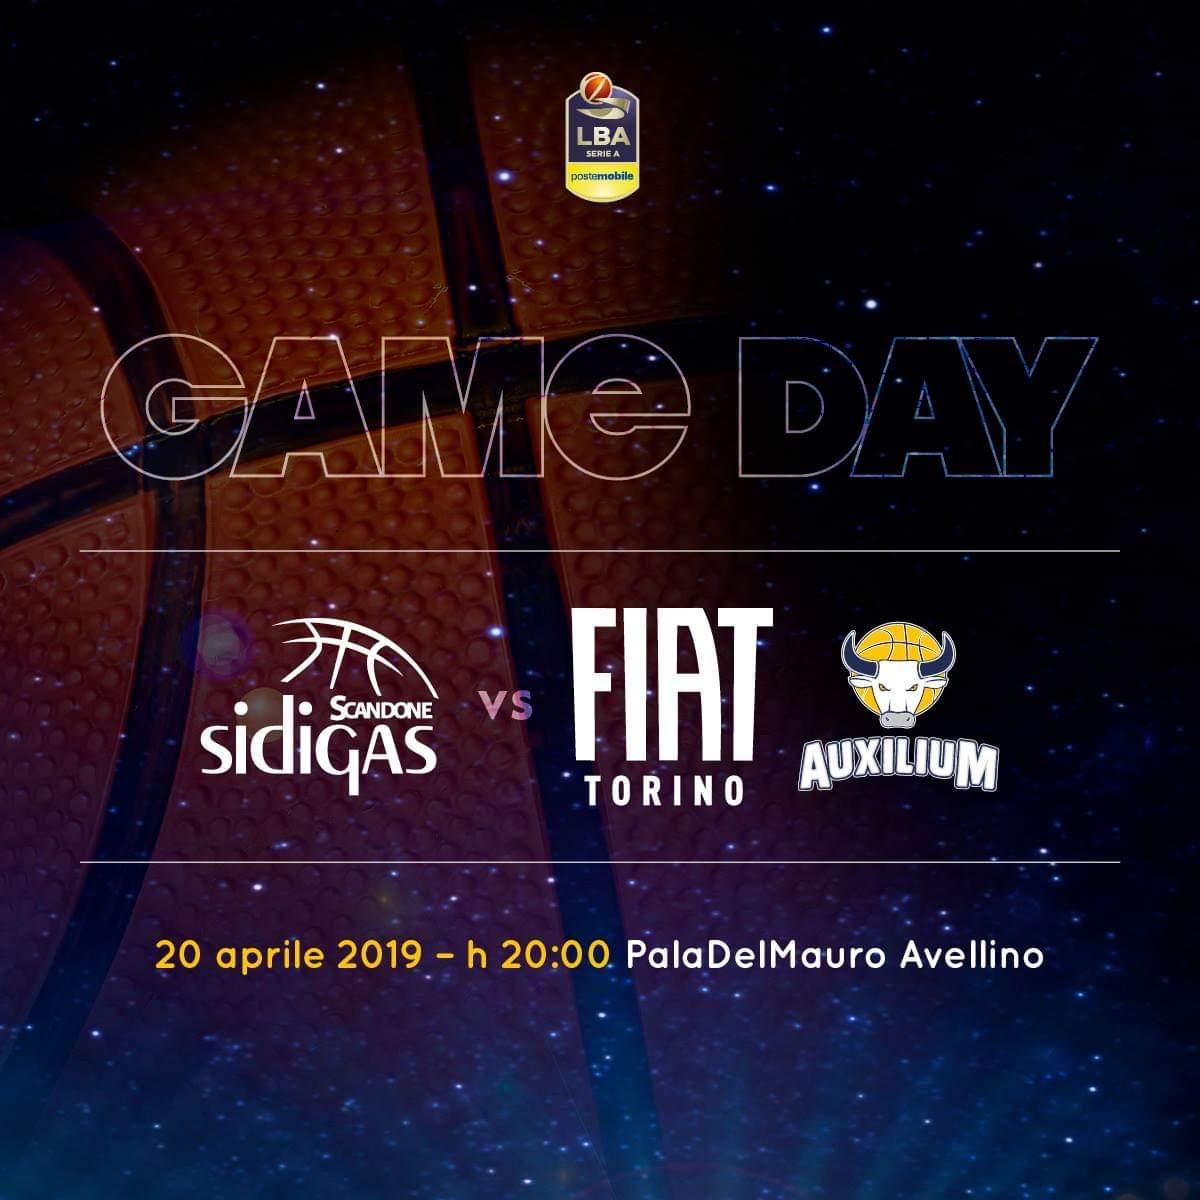 #GameDay 🏀⏰ Questa sera, alle 20.00, nella 12esima giornata del girone di ritorno @LegaBasketA, la #FiatTorino è impegnata in trasferta contro @ScandoneBasket! 💣👊 Forza ragazzi ... siamo tutti con voi‼Diretta TV su @Eurosport_IT Player #TuttiPerTorino #quattrofinali https://t.co/Fm6p4PHs0s